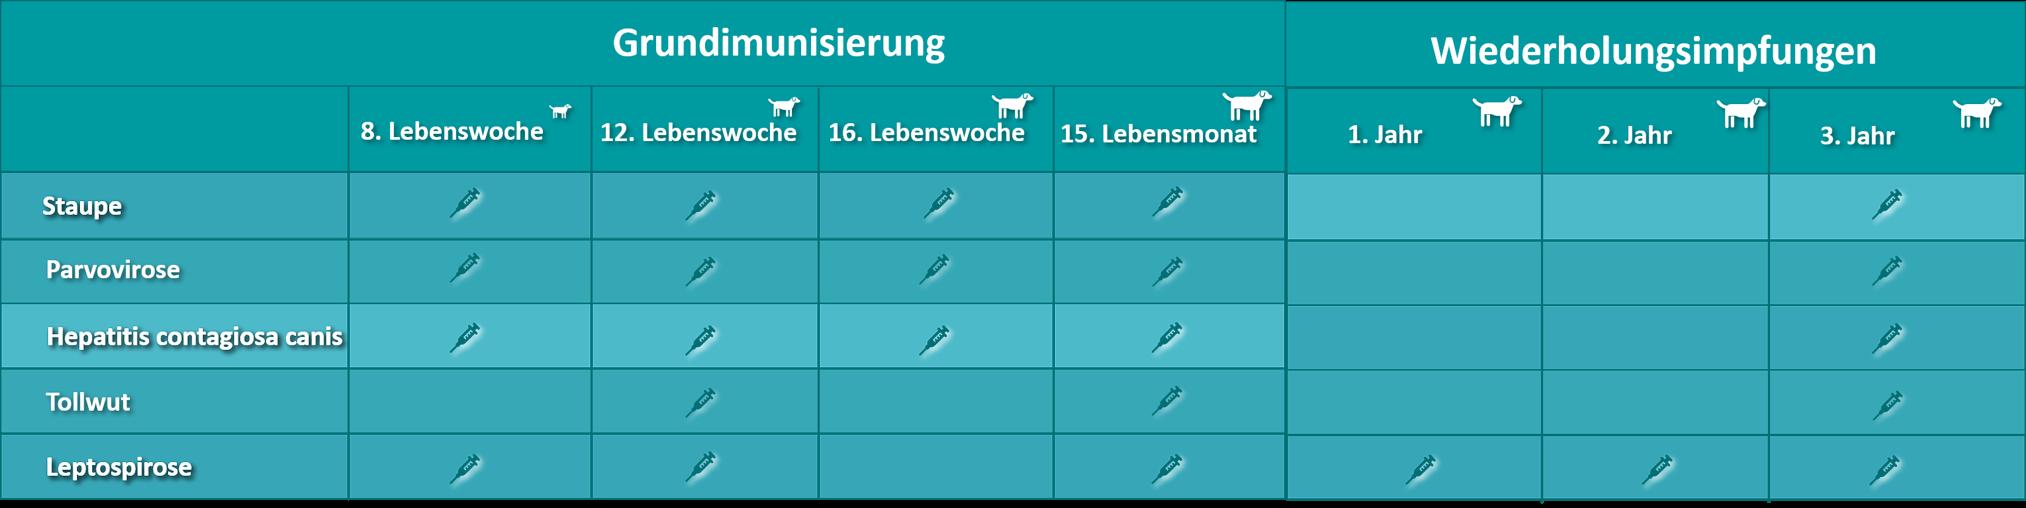 Abbildung: Impfschema - Impfungen bis zum 4. Lebensjahr des Hundes